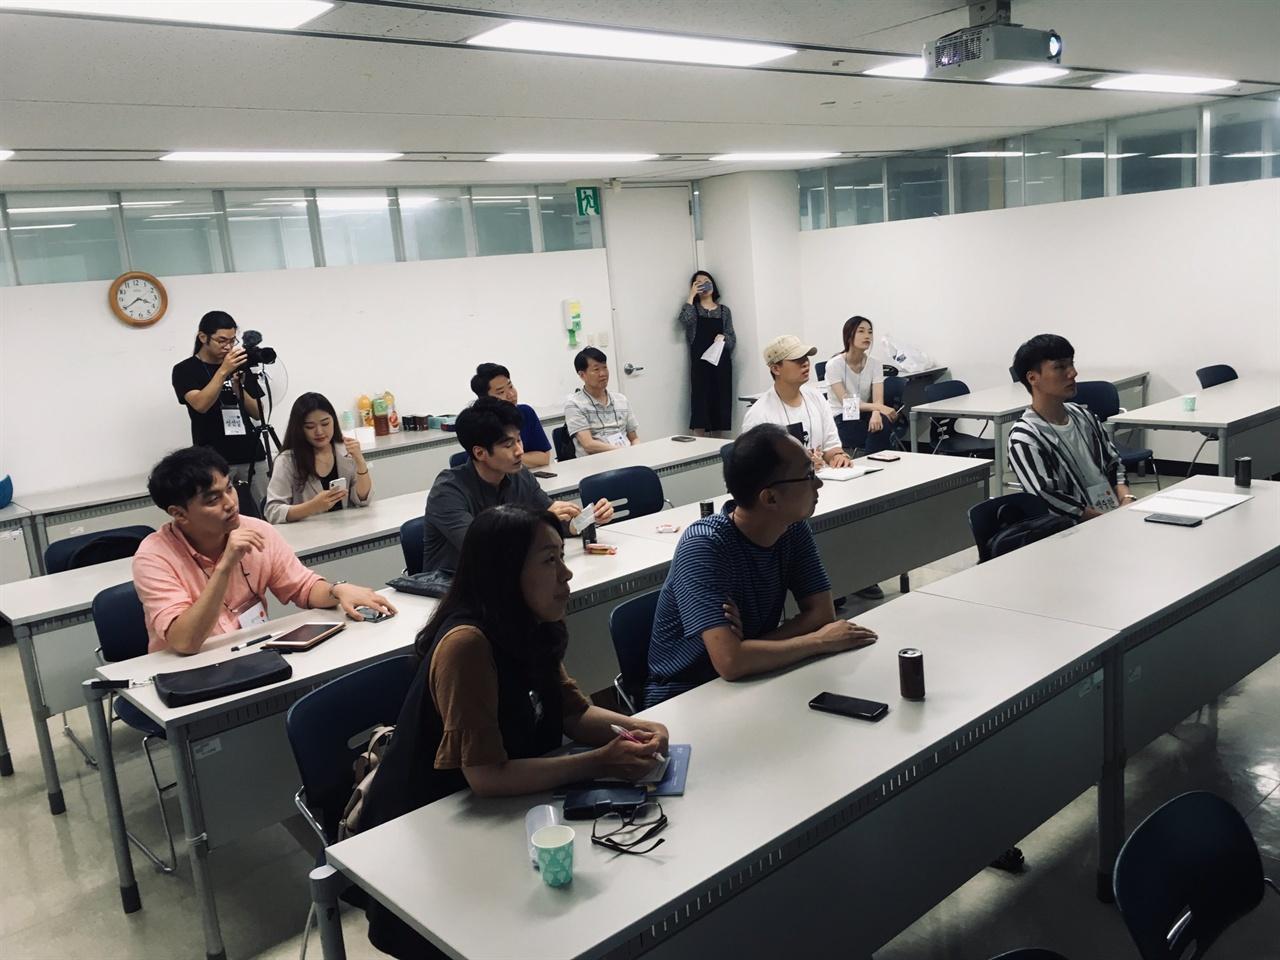 폭우를 뚫고 행사에 참가한 청년들 김해문화의전당 아람배움터 제3강의실에 모인 (예비)청년 창업가들